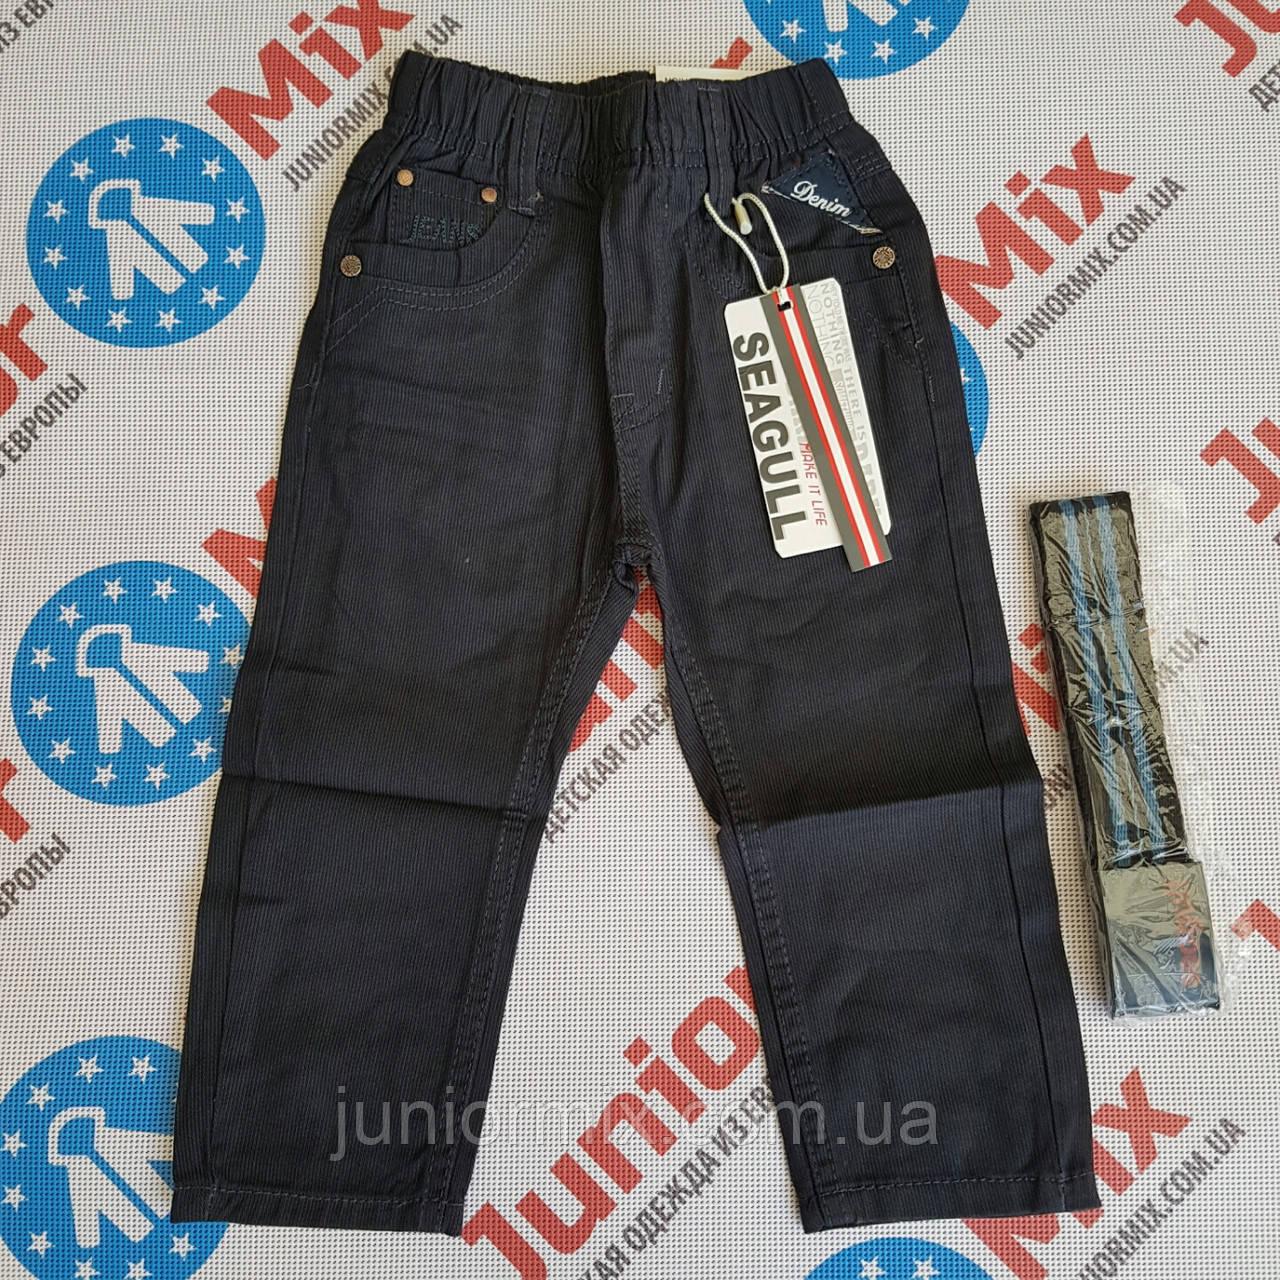 Катоновые брюки в полоску  на мальчика SEAGULL